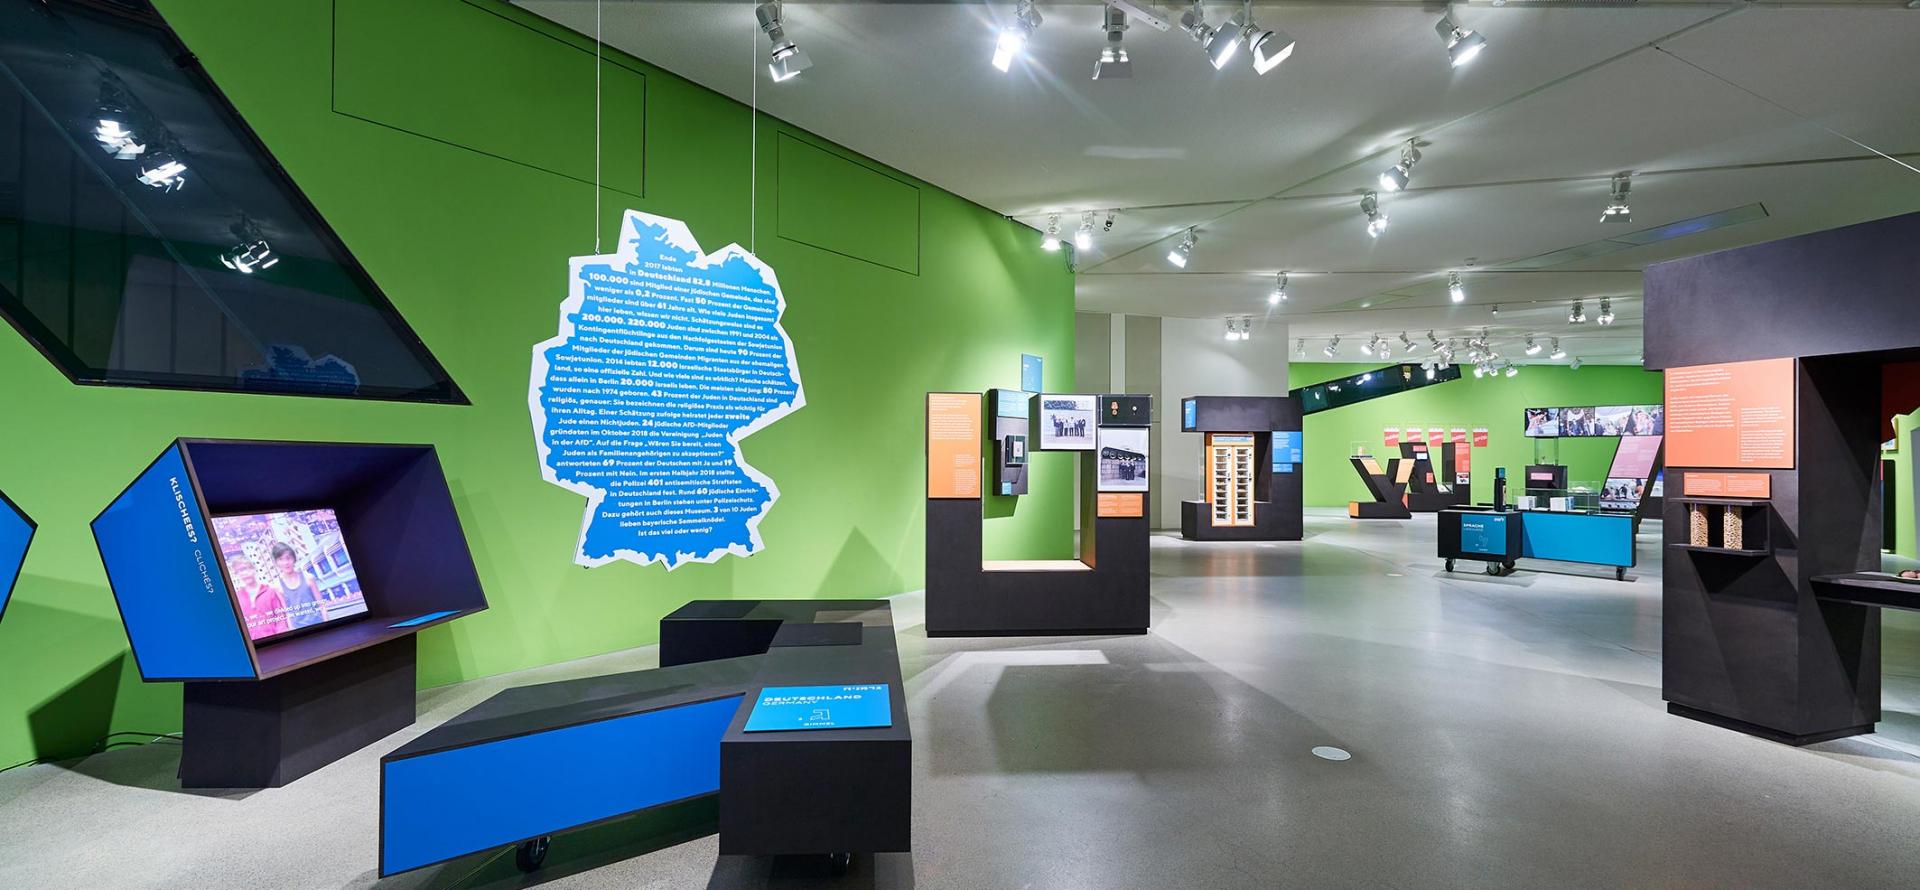 Blick in die Ausstellung mit Virtinen und Objekten